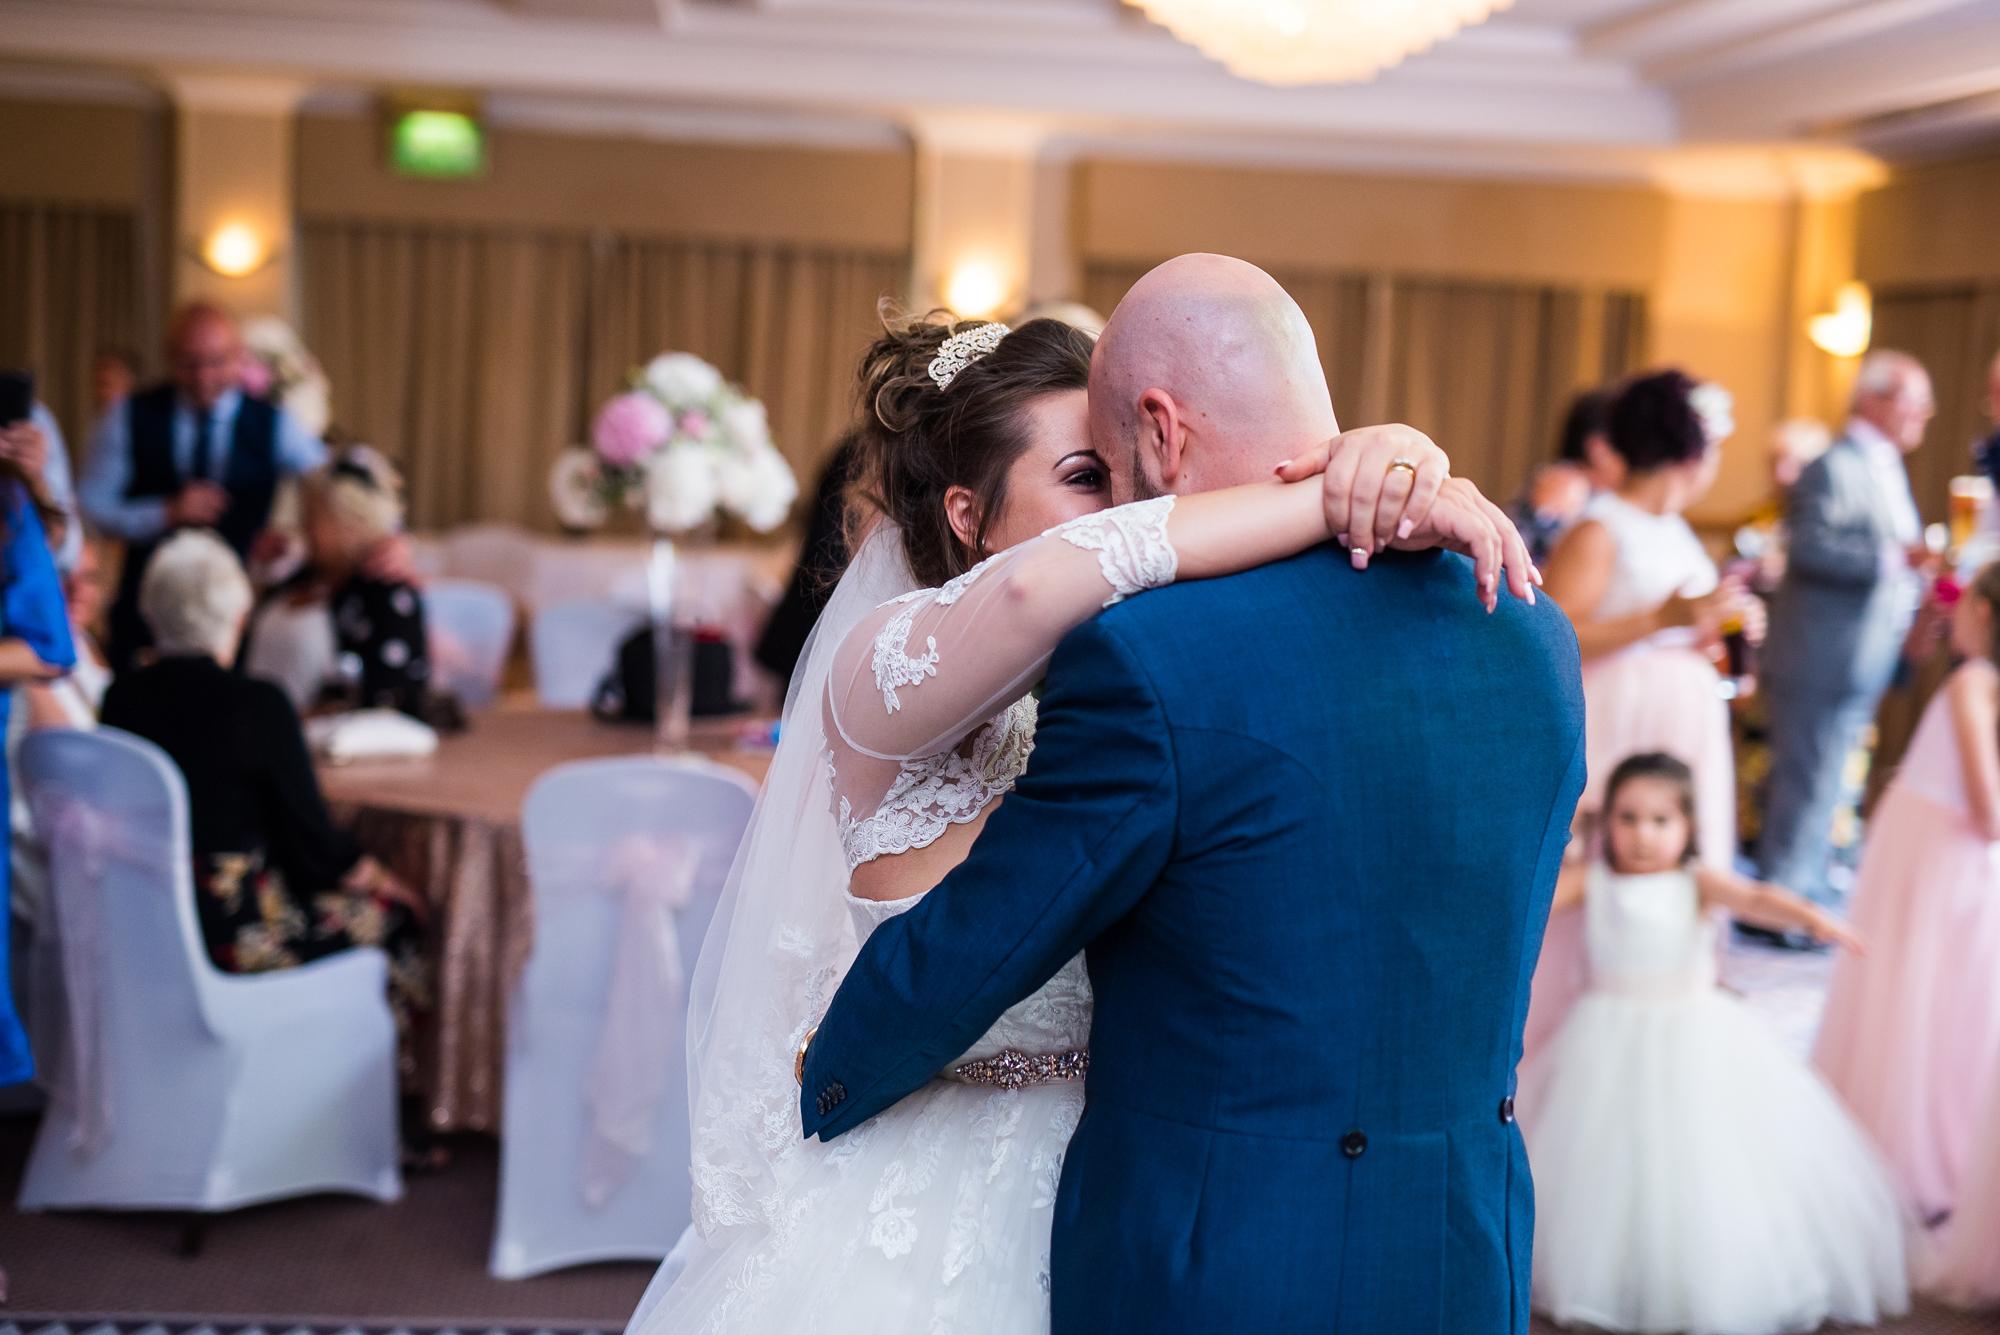 Roise and John wedding photos (355 of 383).jpg